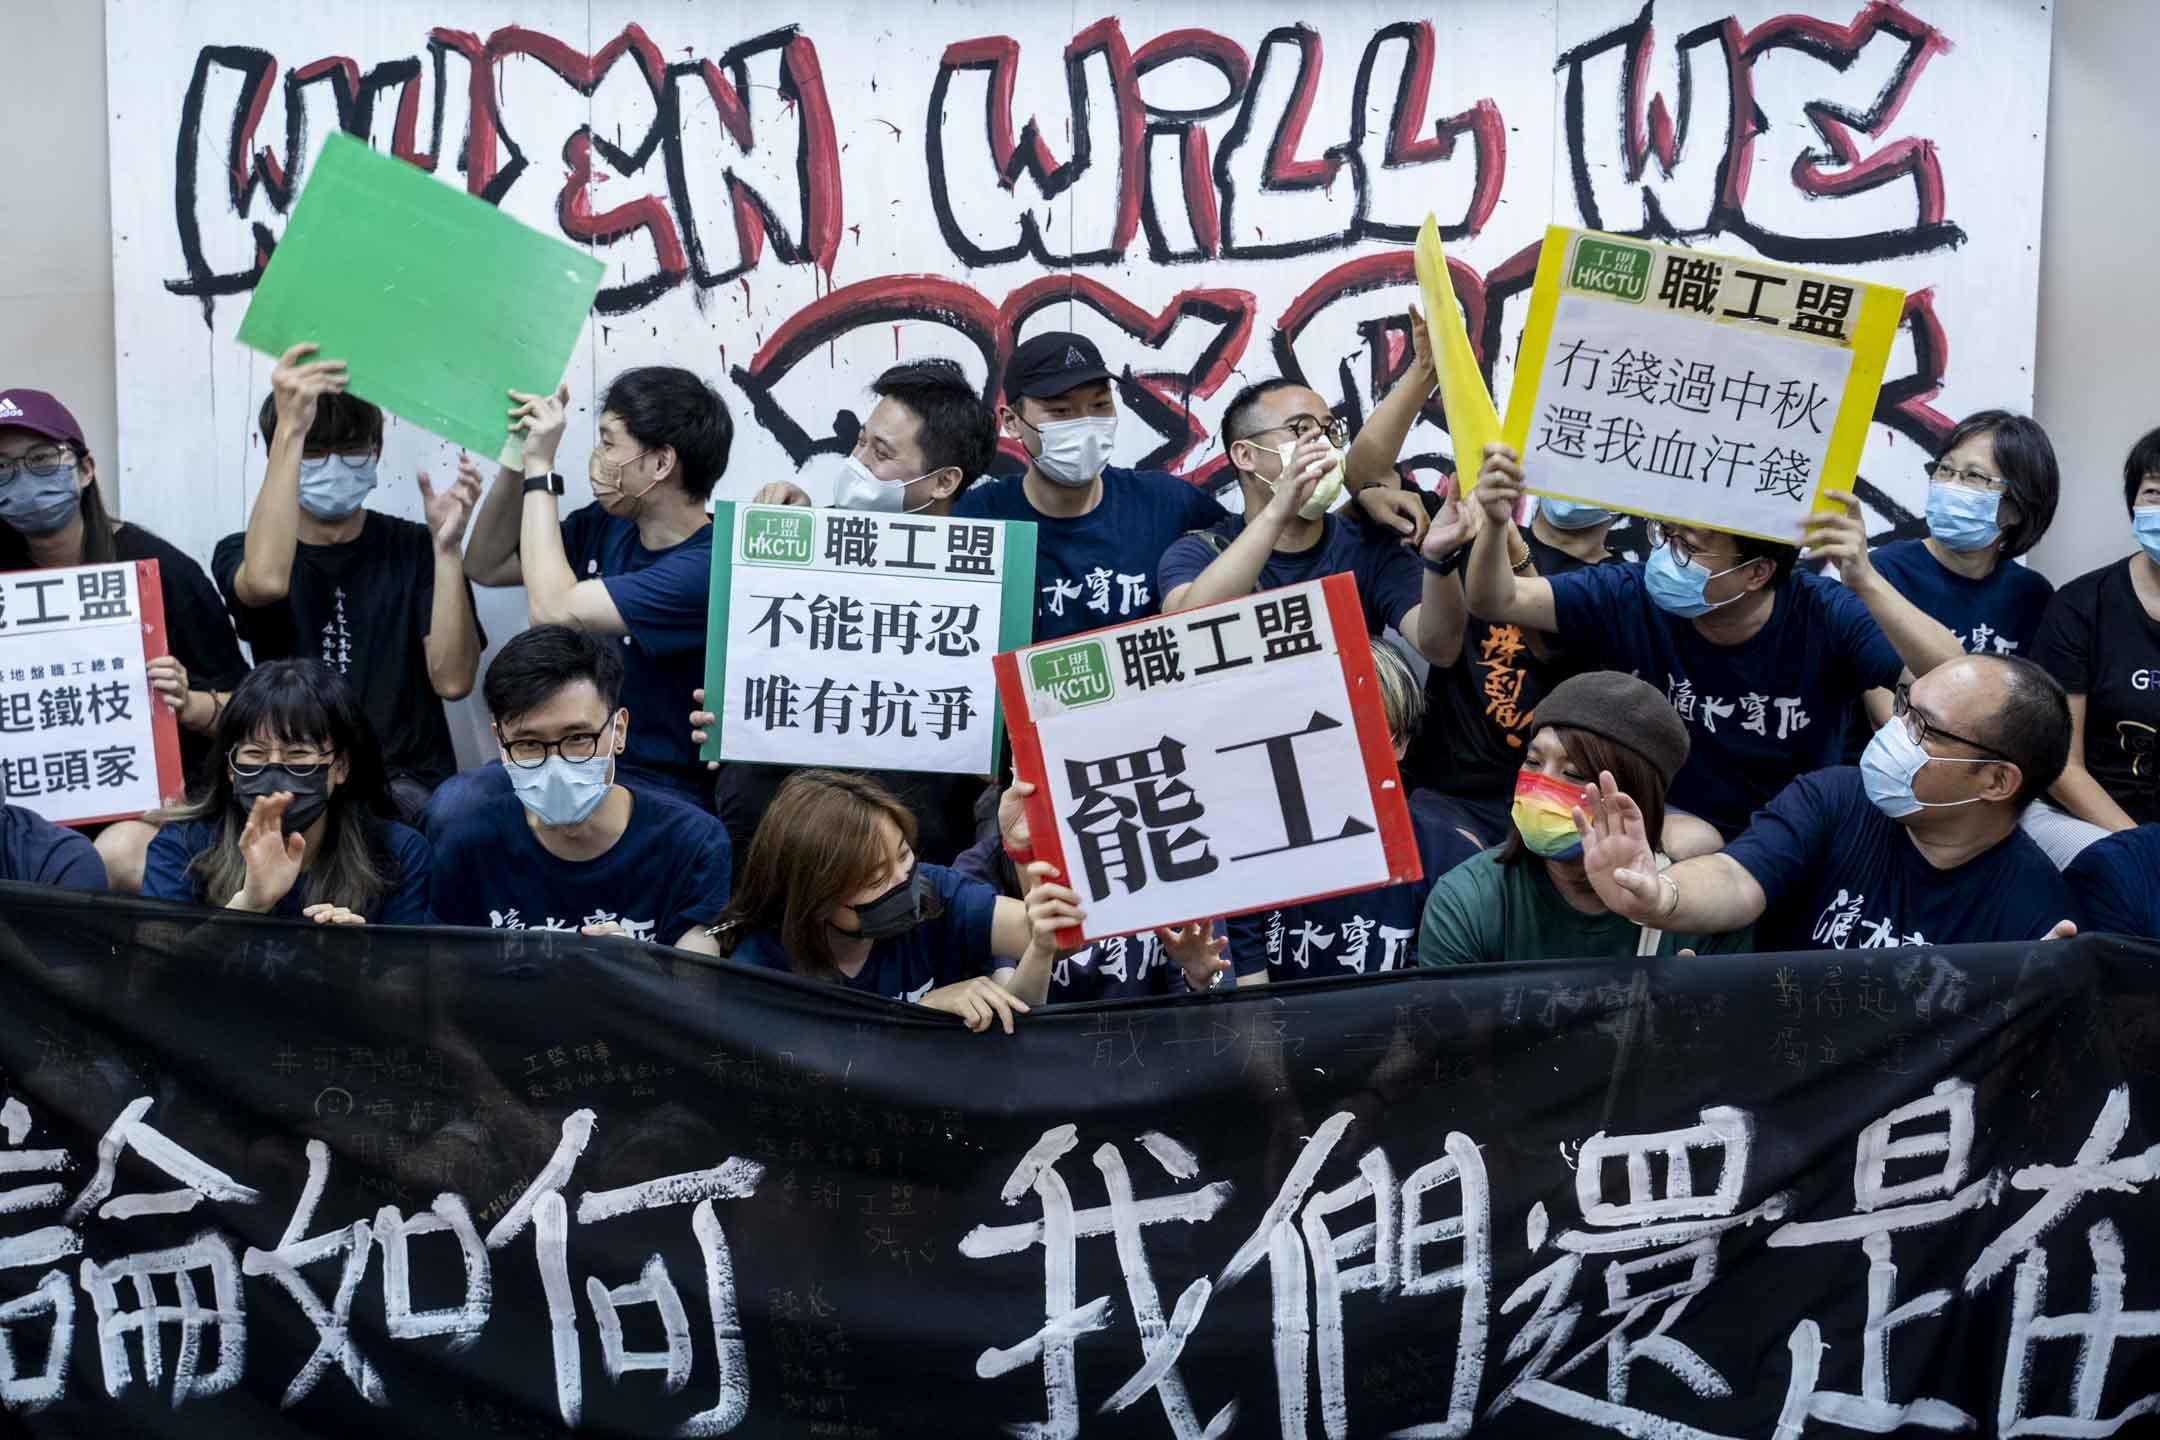 2021年10月3日,職工盟解散記者會後,幹事們聚集高呼工盟歷年口號,並展示部份示威牌。 攝:林振東/端傳媒